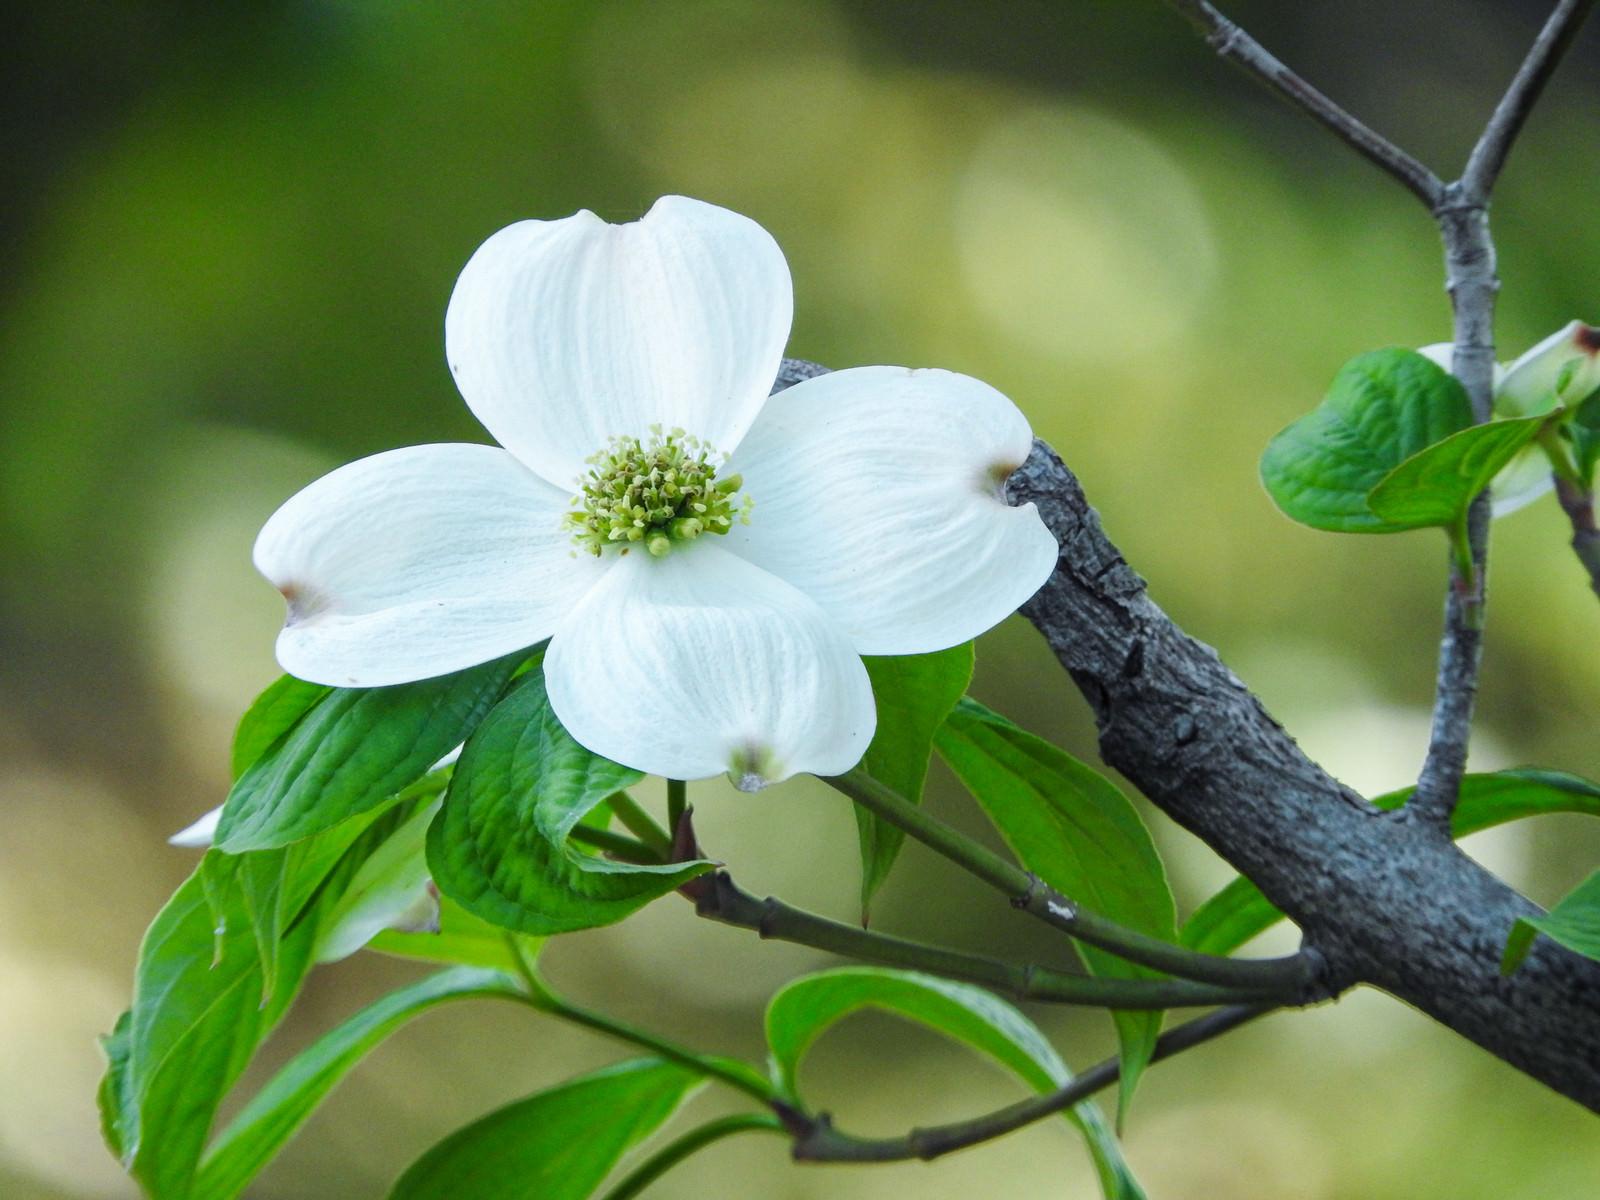 白いハナミズキの花の写真(画像)を無料ダウンロード - フリー素材の ...